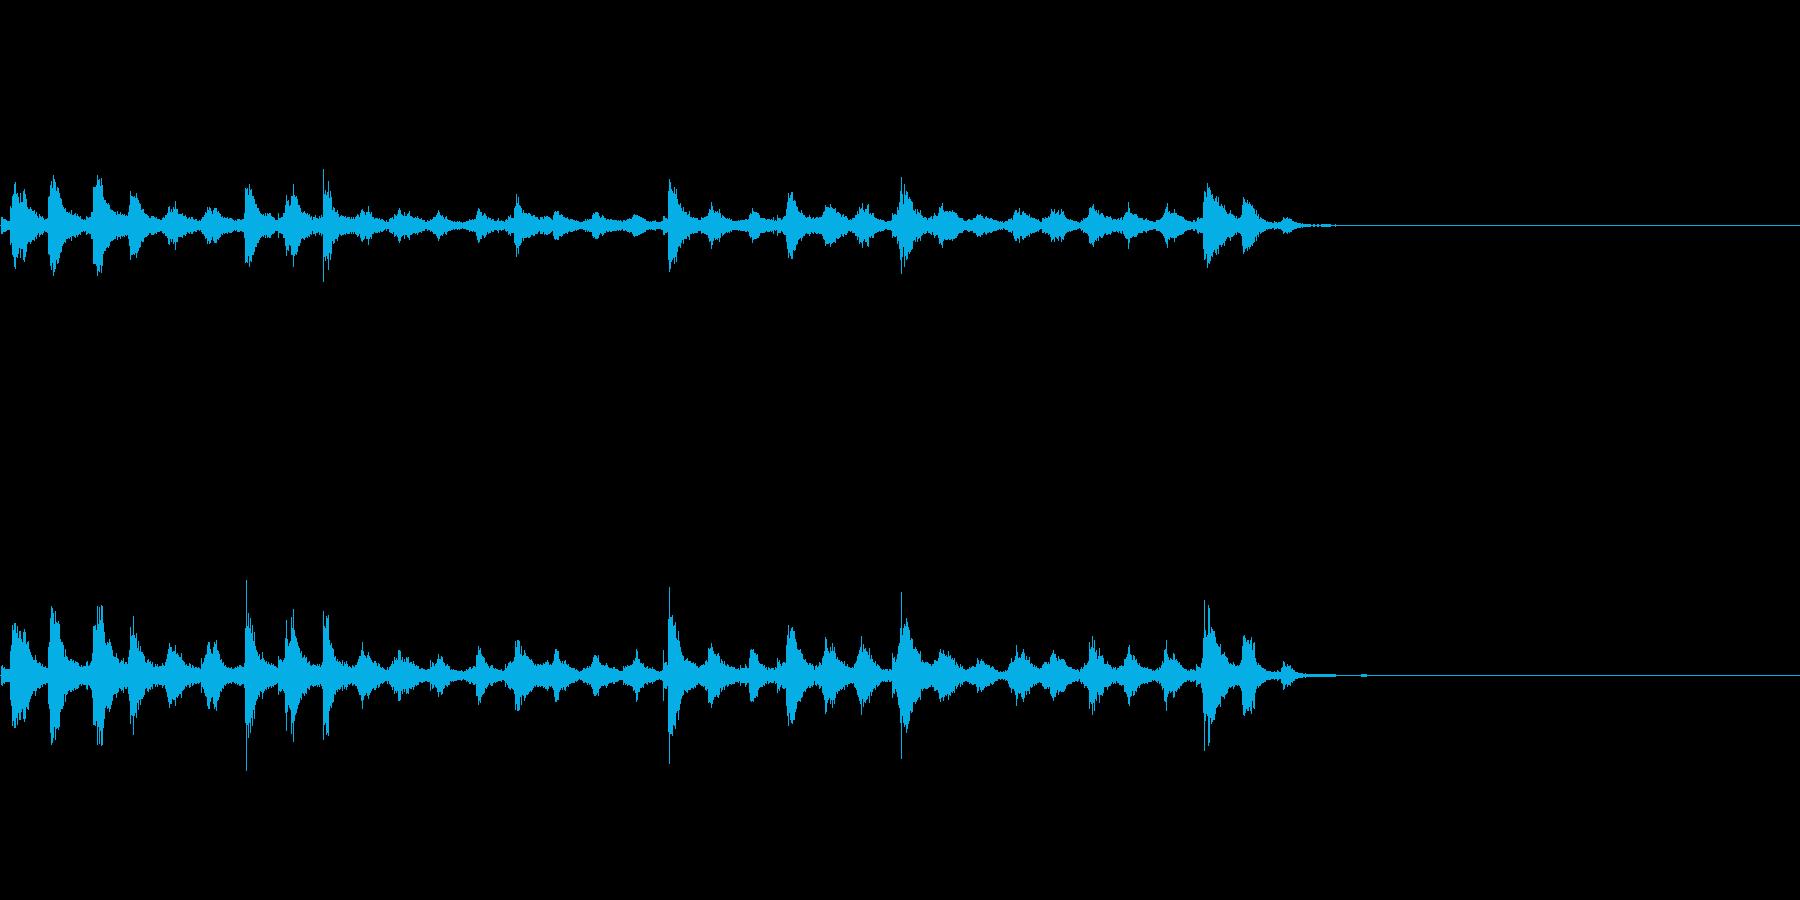 『チャッパ』和製シンバルのフレーズ4FXの再生済みの波形